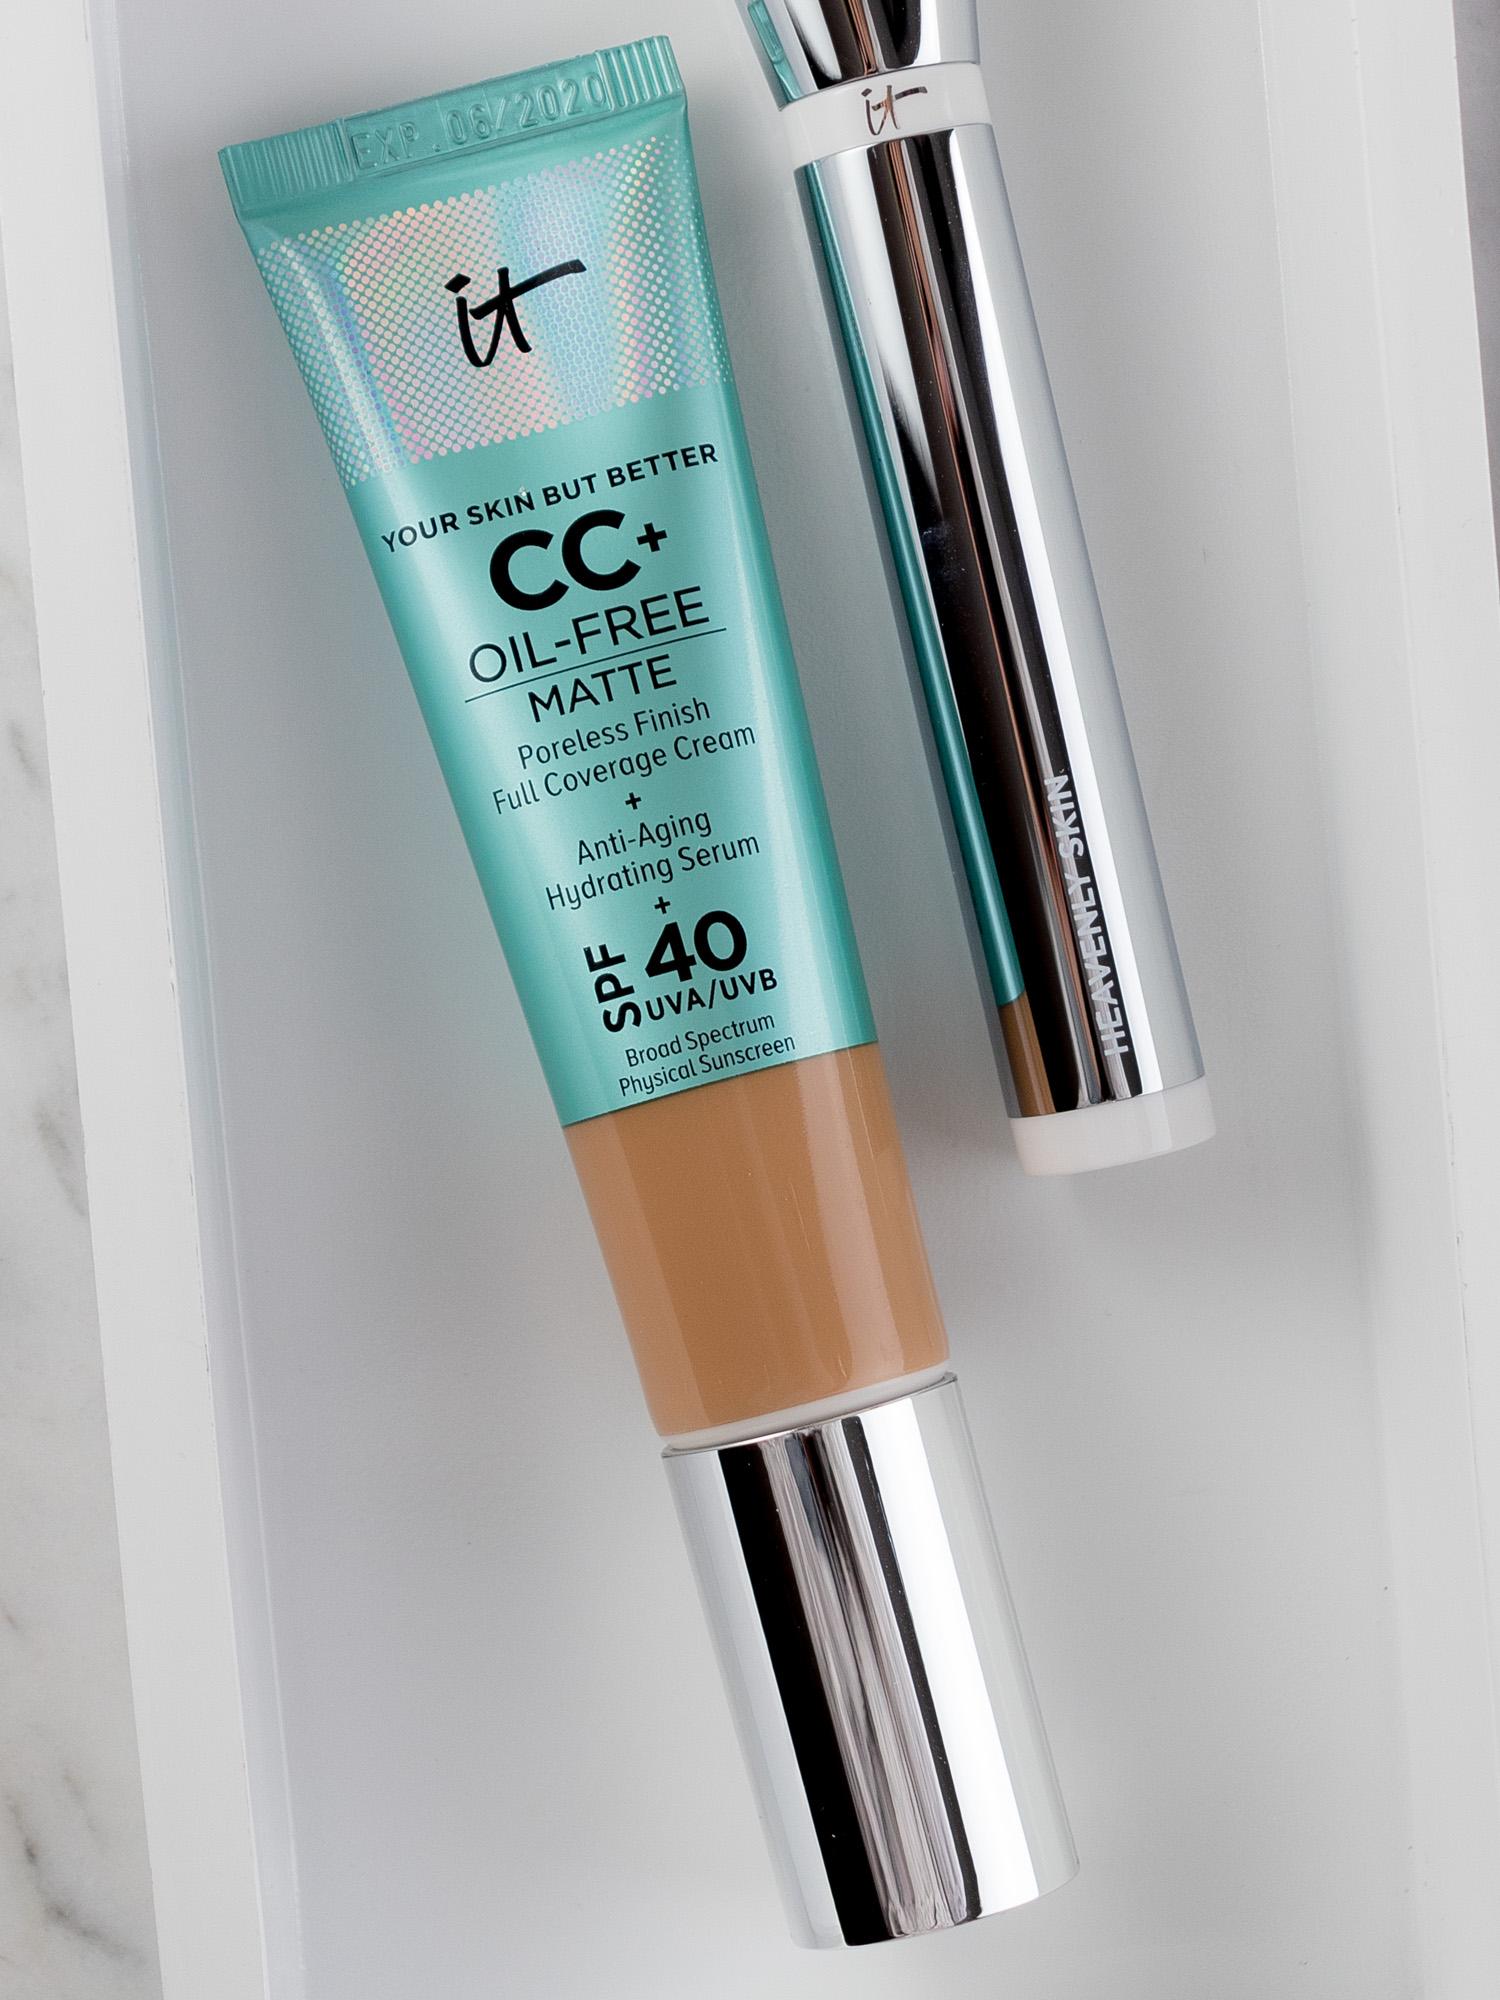 IT Cosmetics' IT's Your Summer Essentials! CC+ Cream Matte